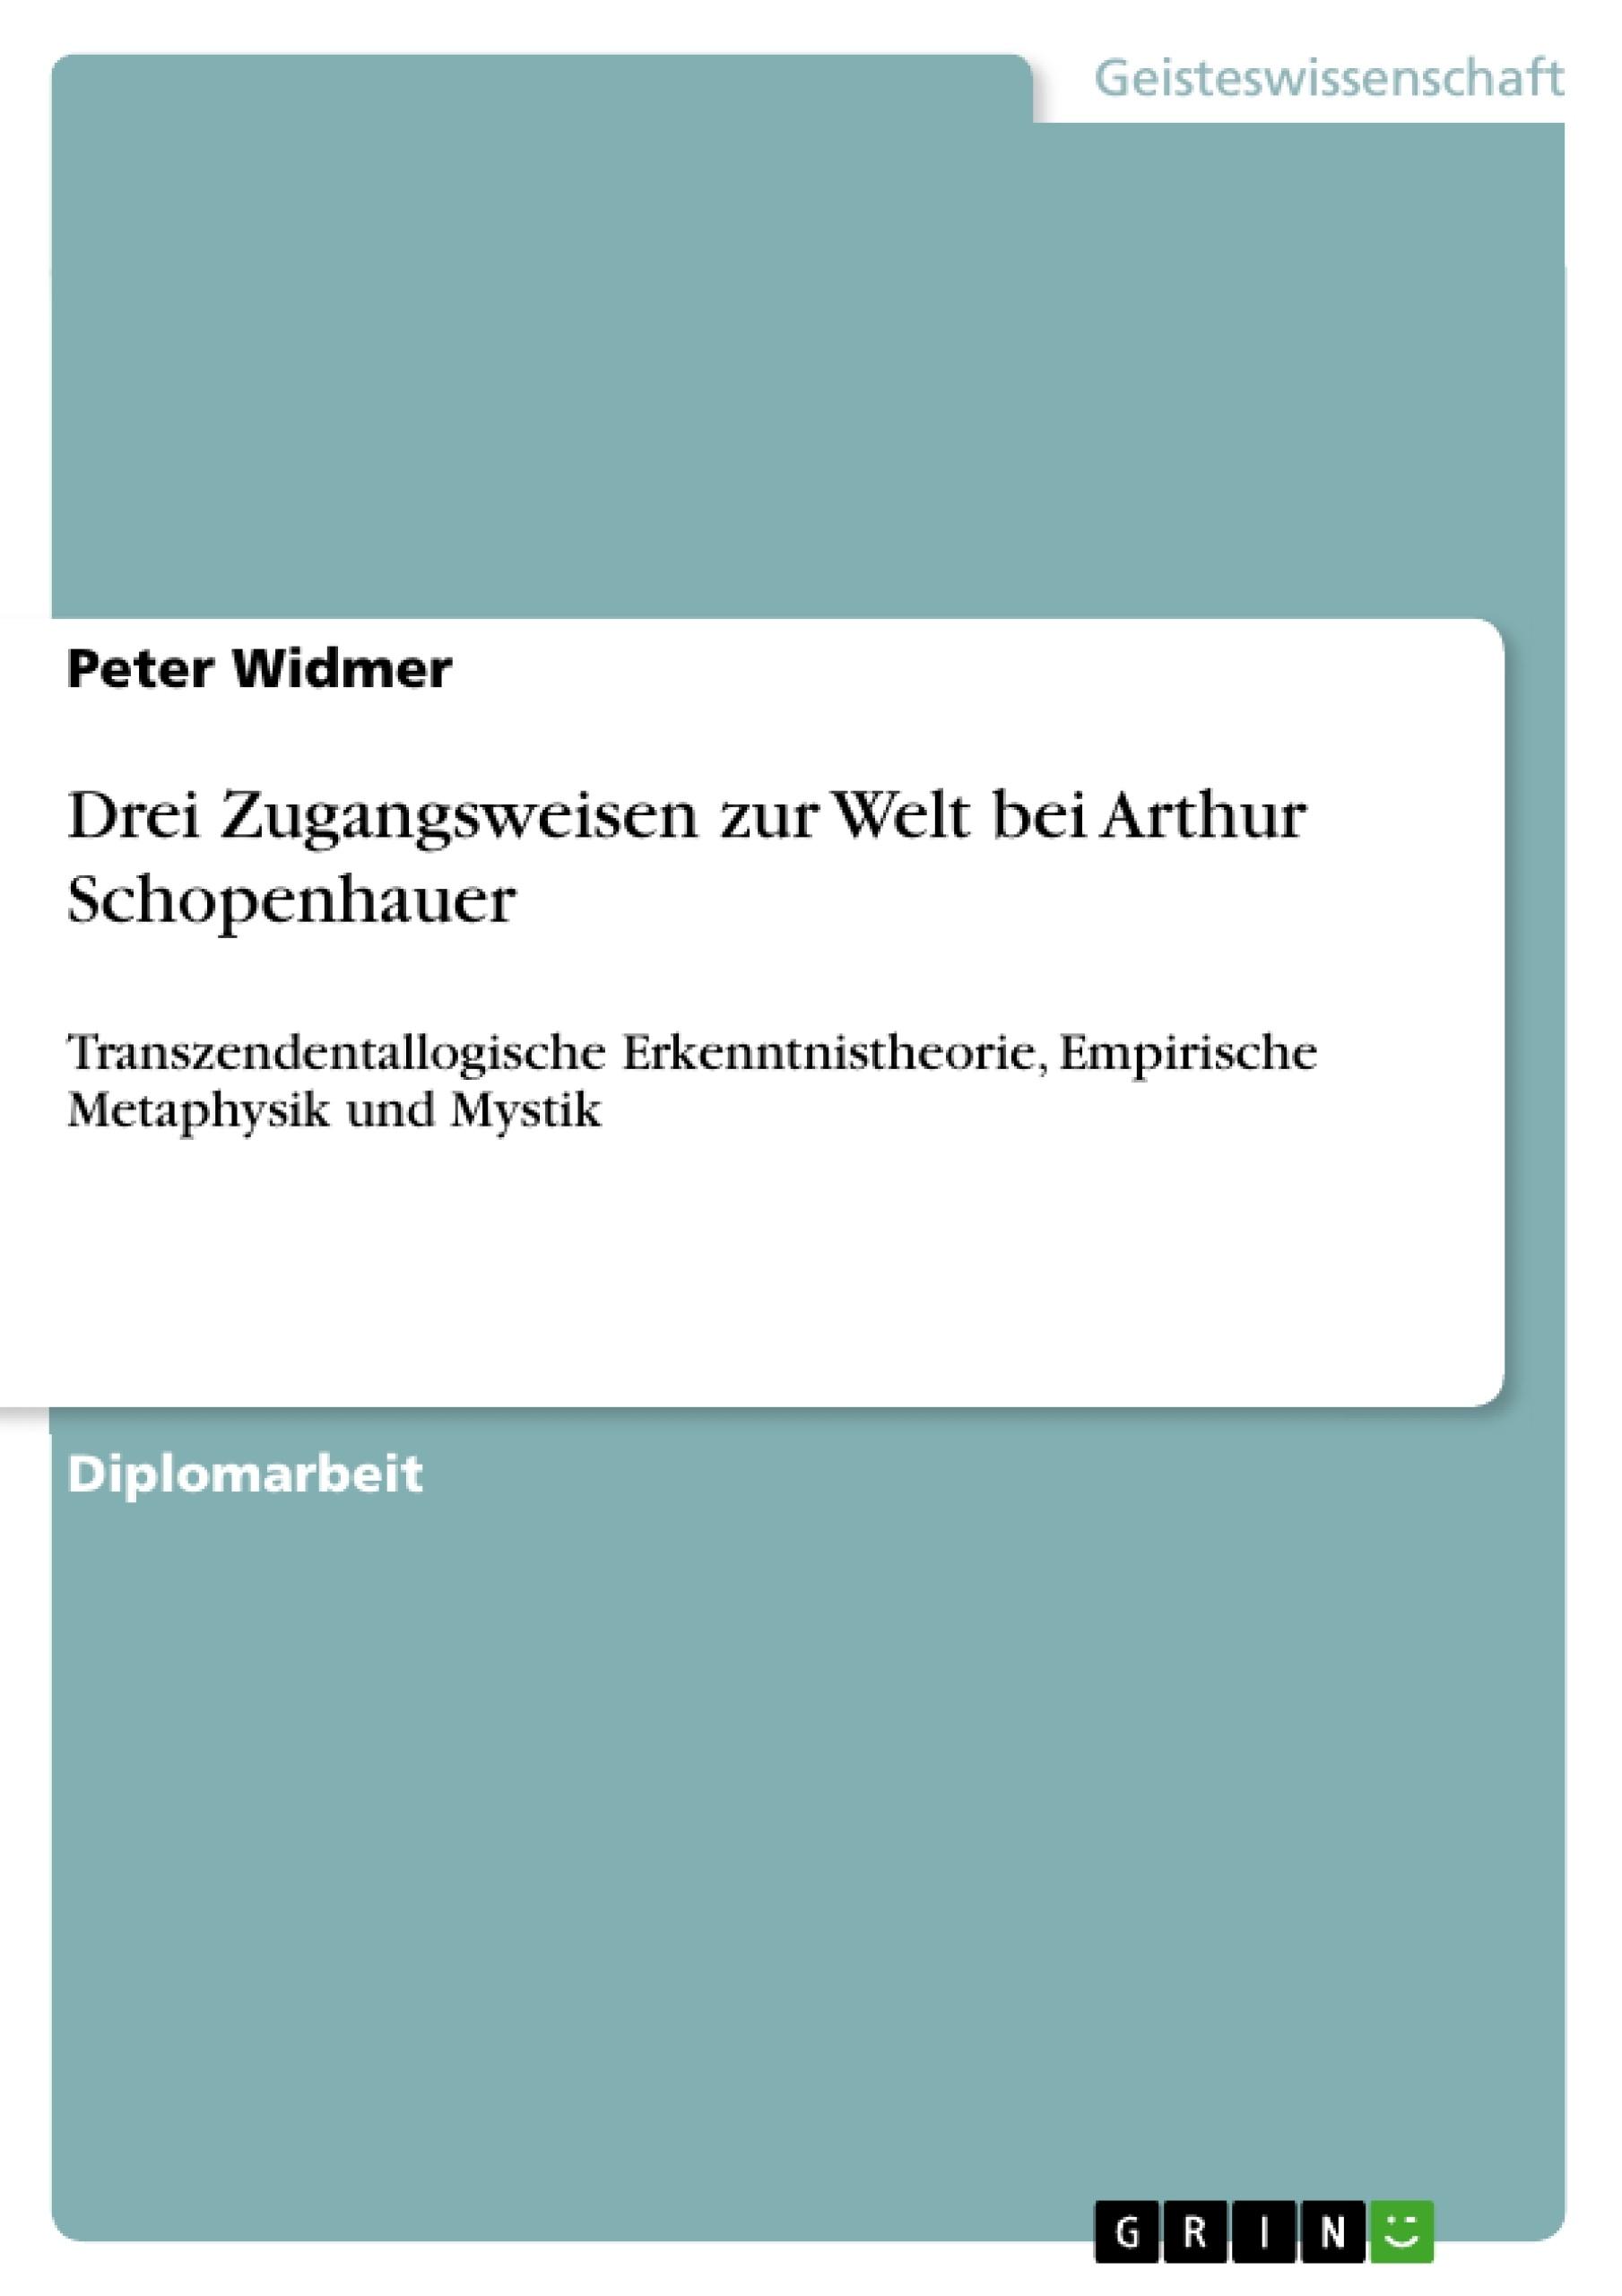 Drei Zugangsweisen zur Welt bei Arthur Schopenhauer | Masterarbeit ...